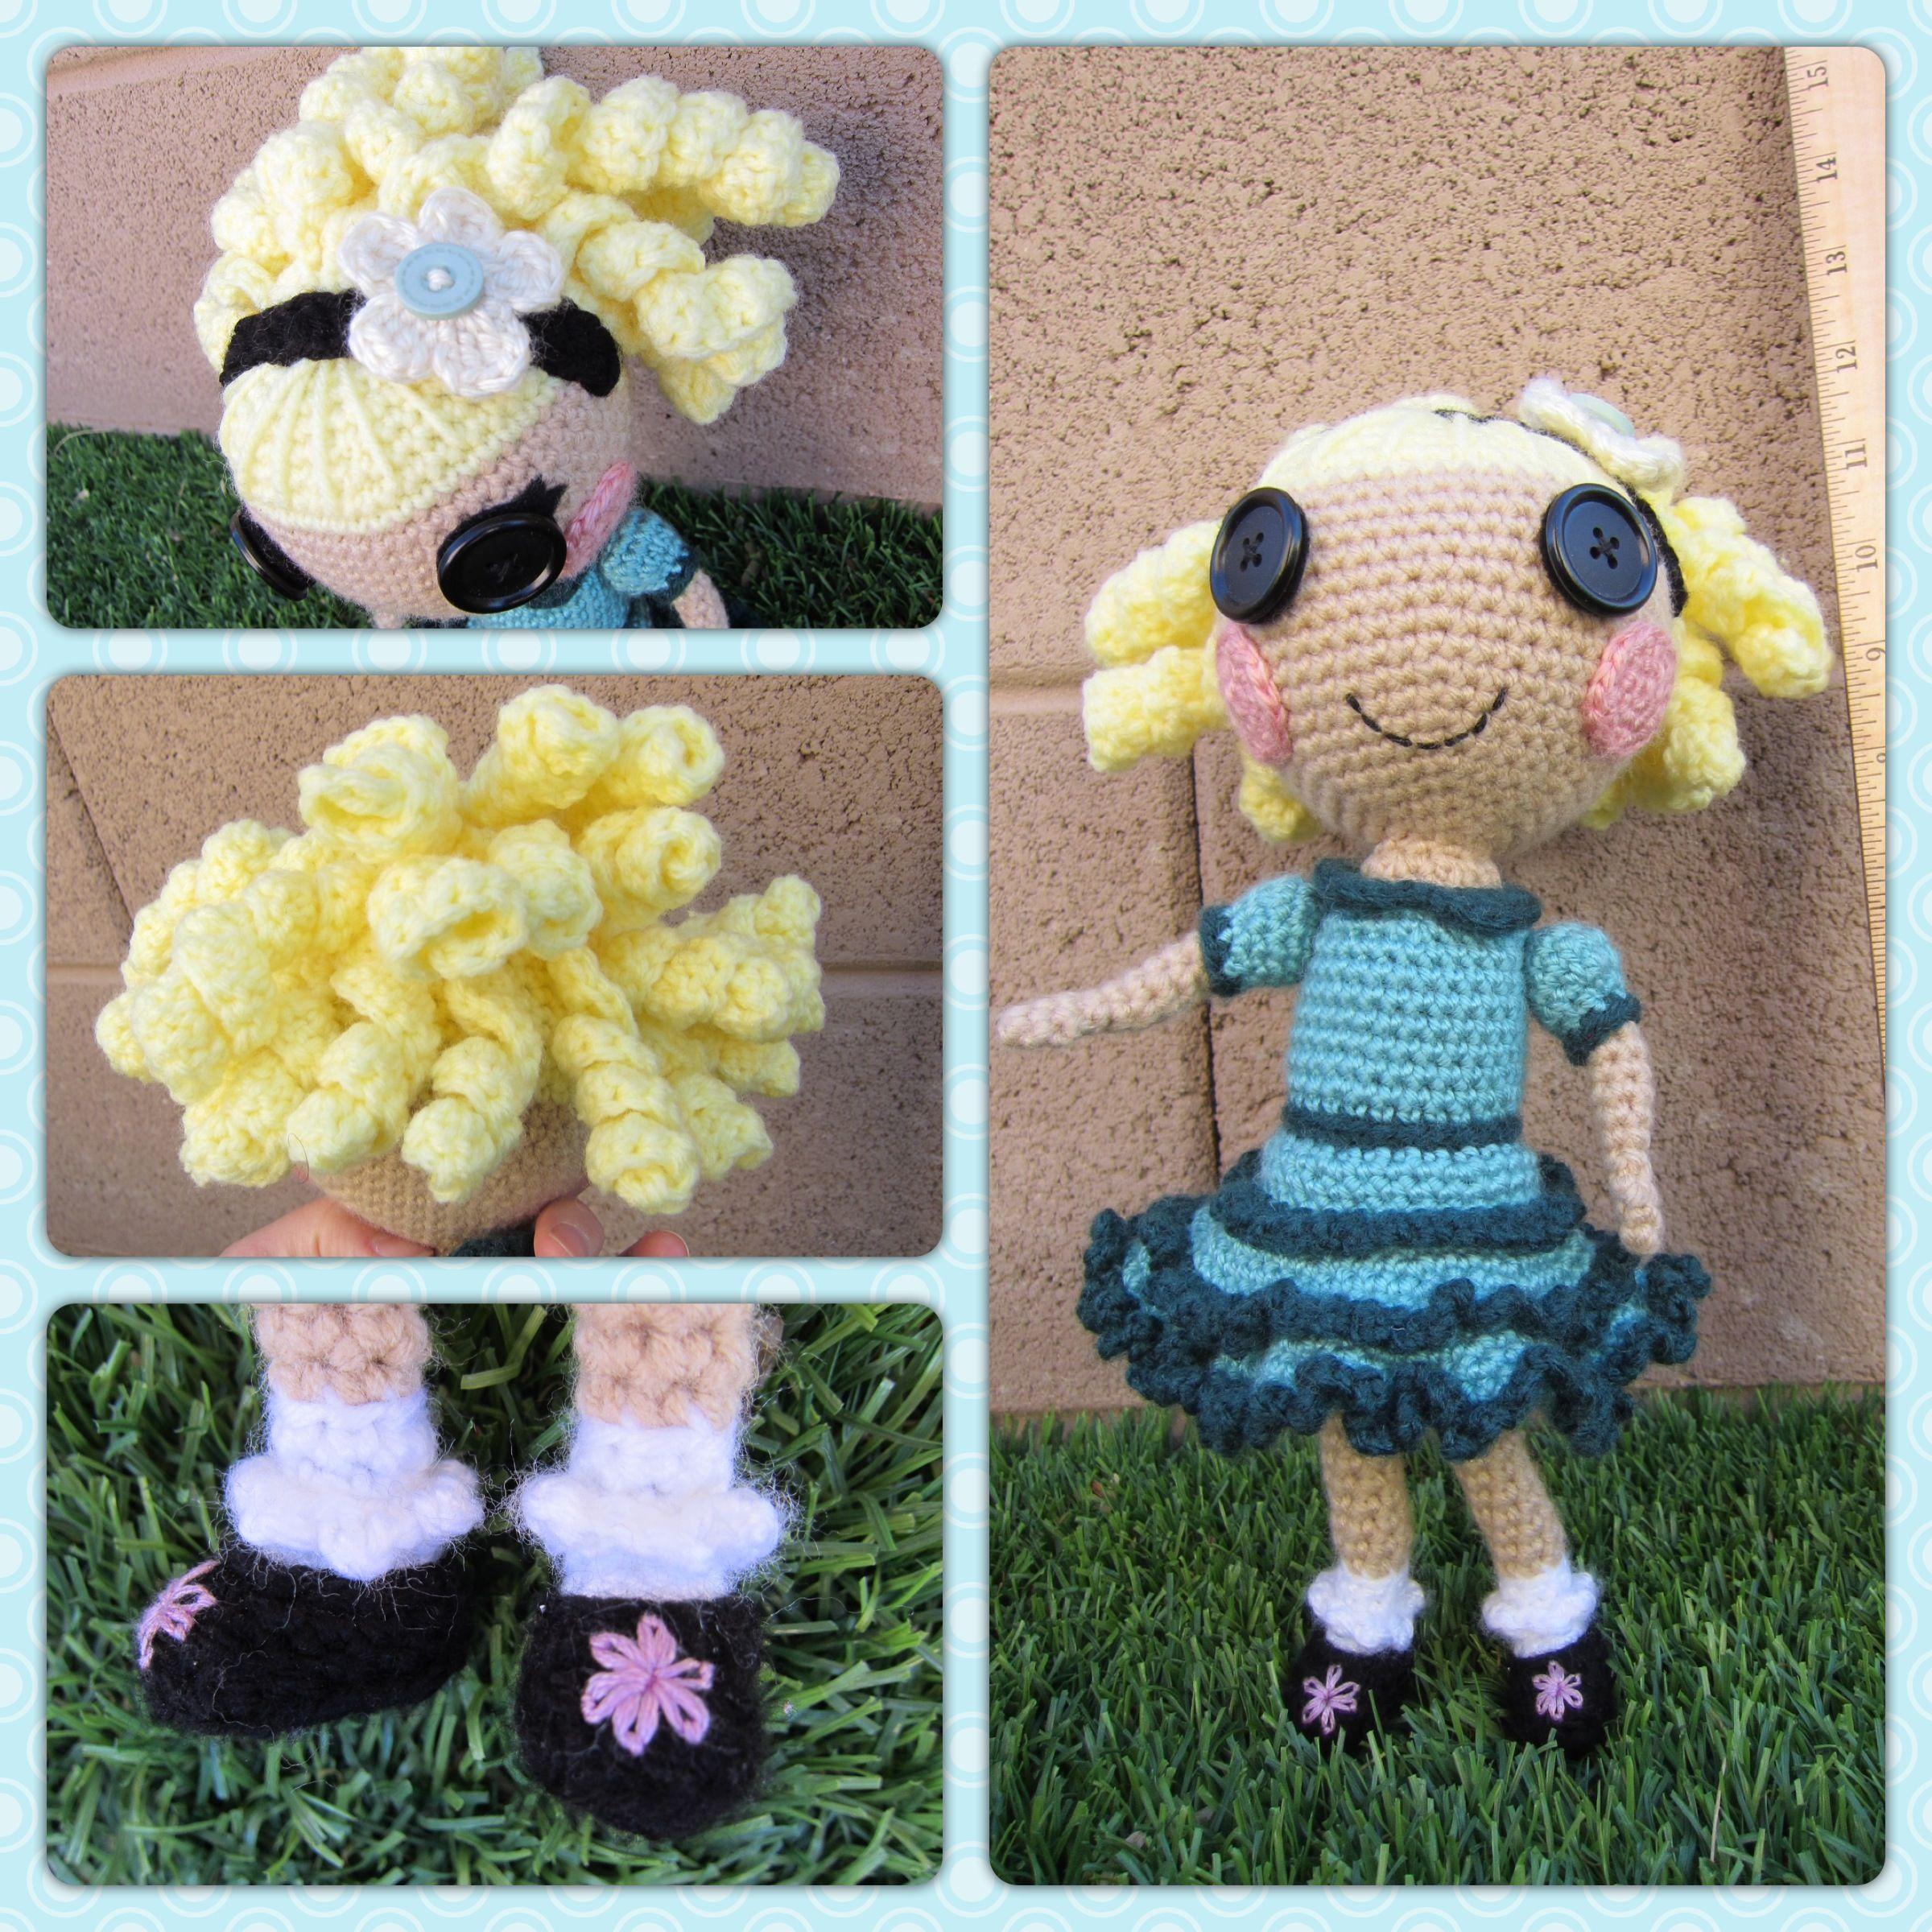 Amigurumi Doll Lalaloopsy : Lalaloopsy amigurumi doll Crochet- My Amigurumis Pinterest